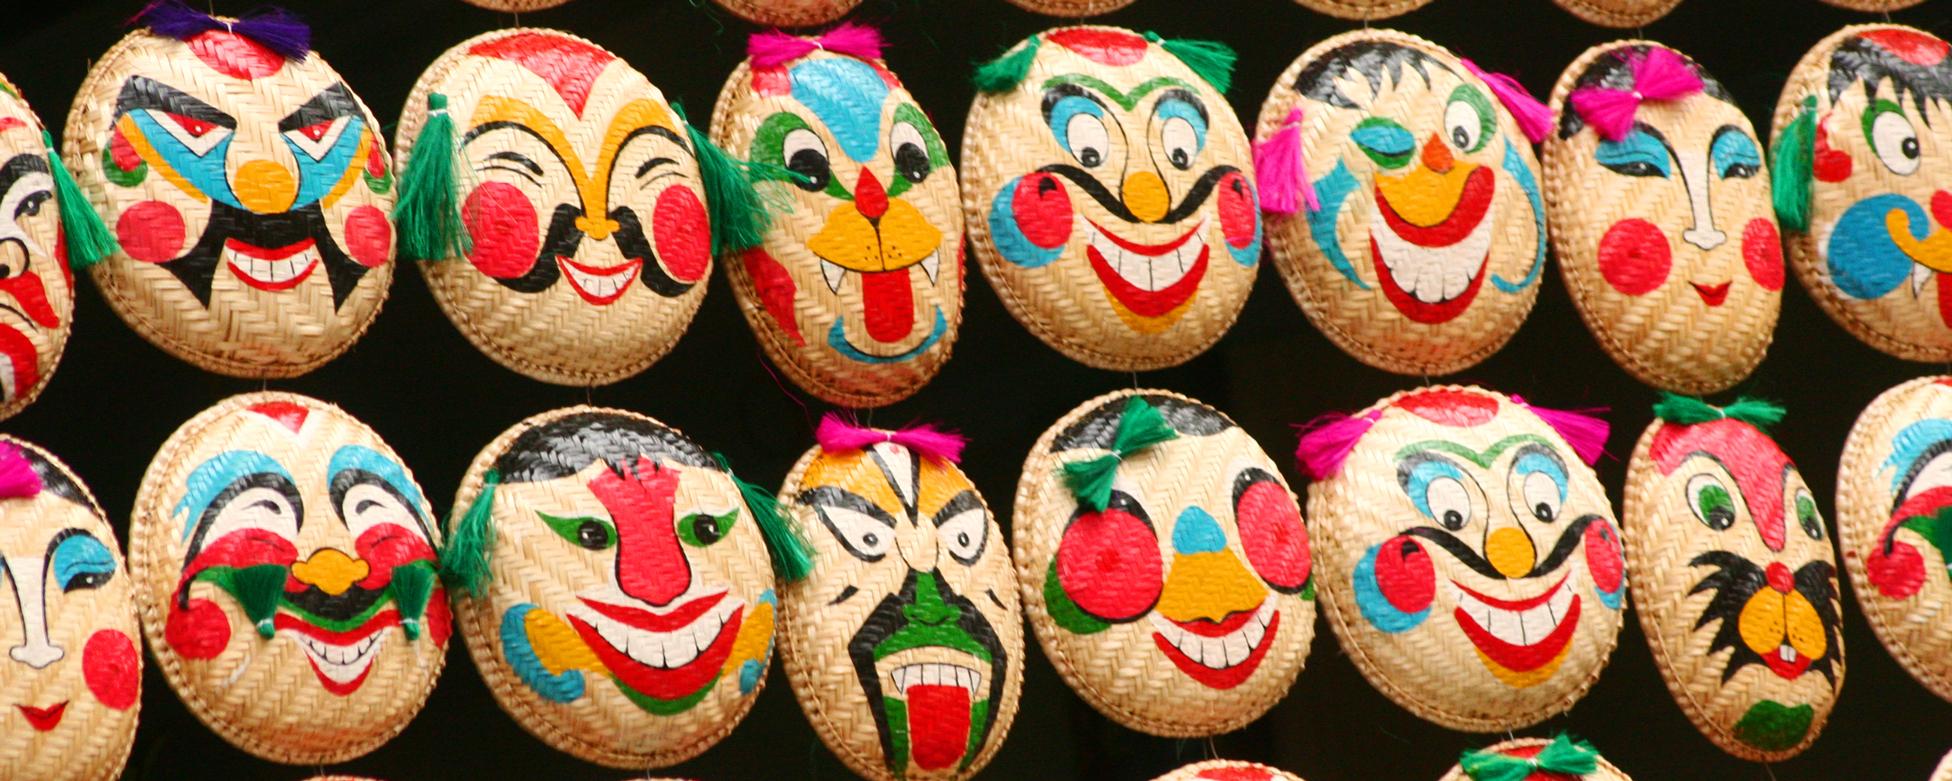 masks-in-Hanoi.jpg